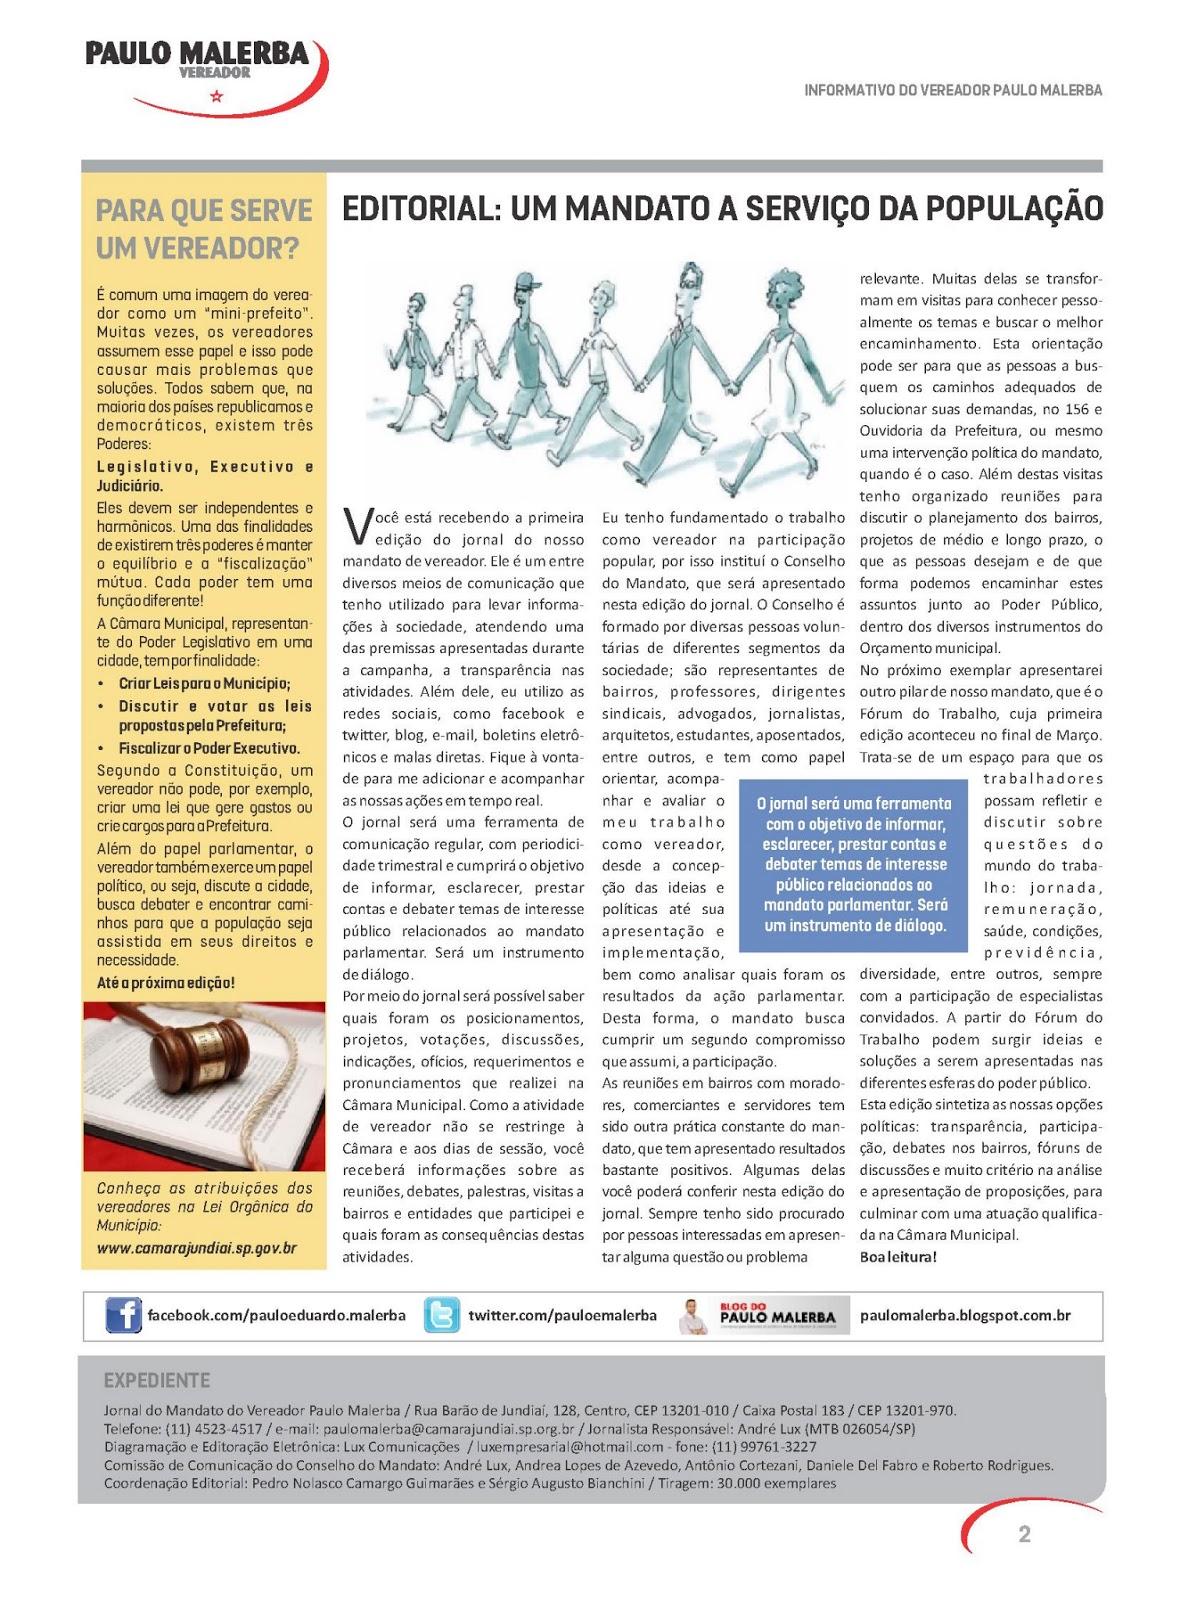 Blog do PAULO MALERBA: Jornal do Mandato – Edição nº  1